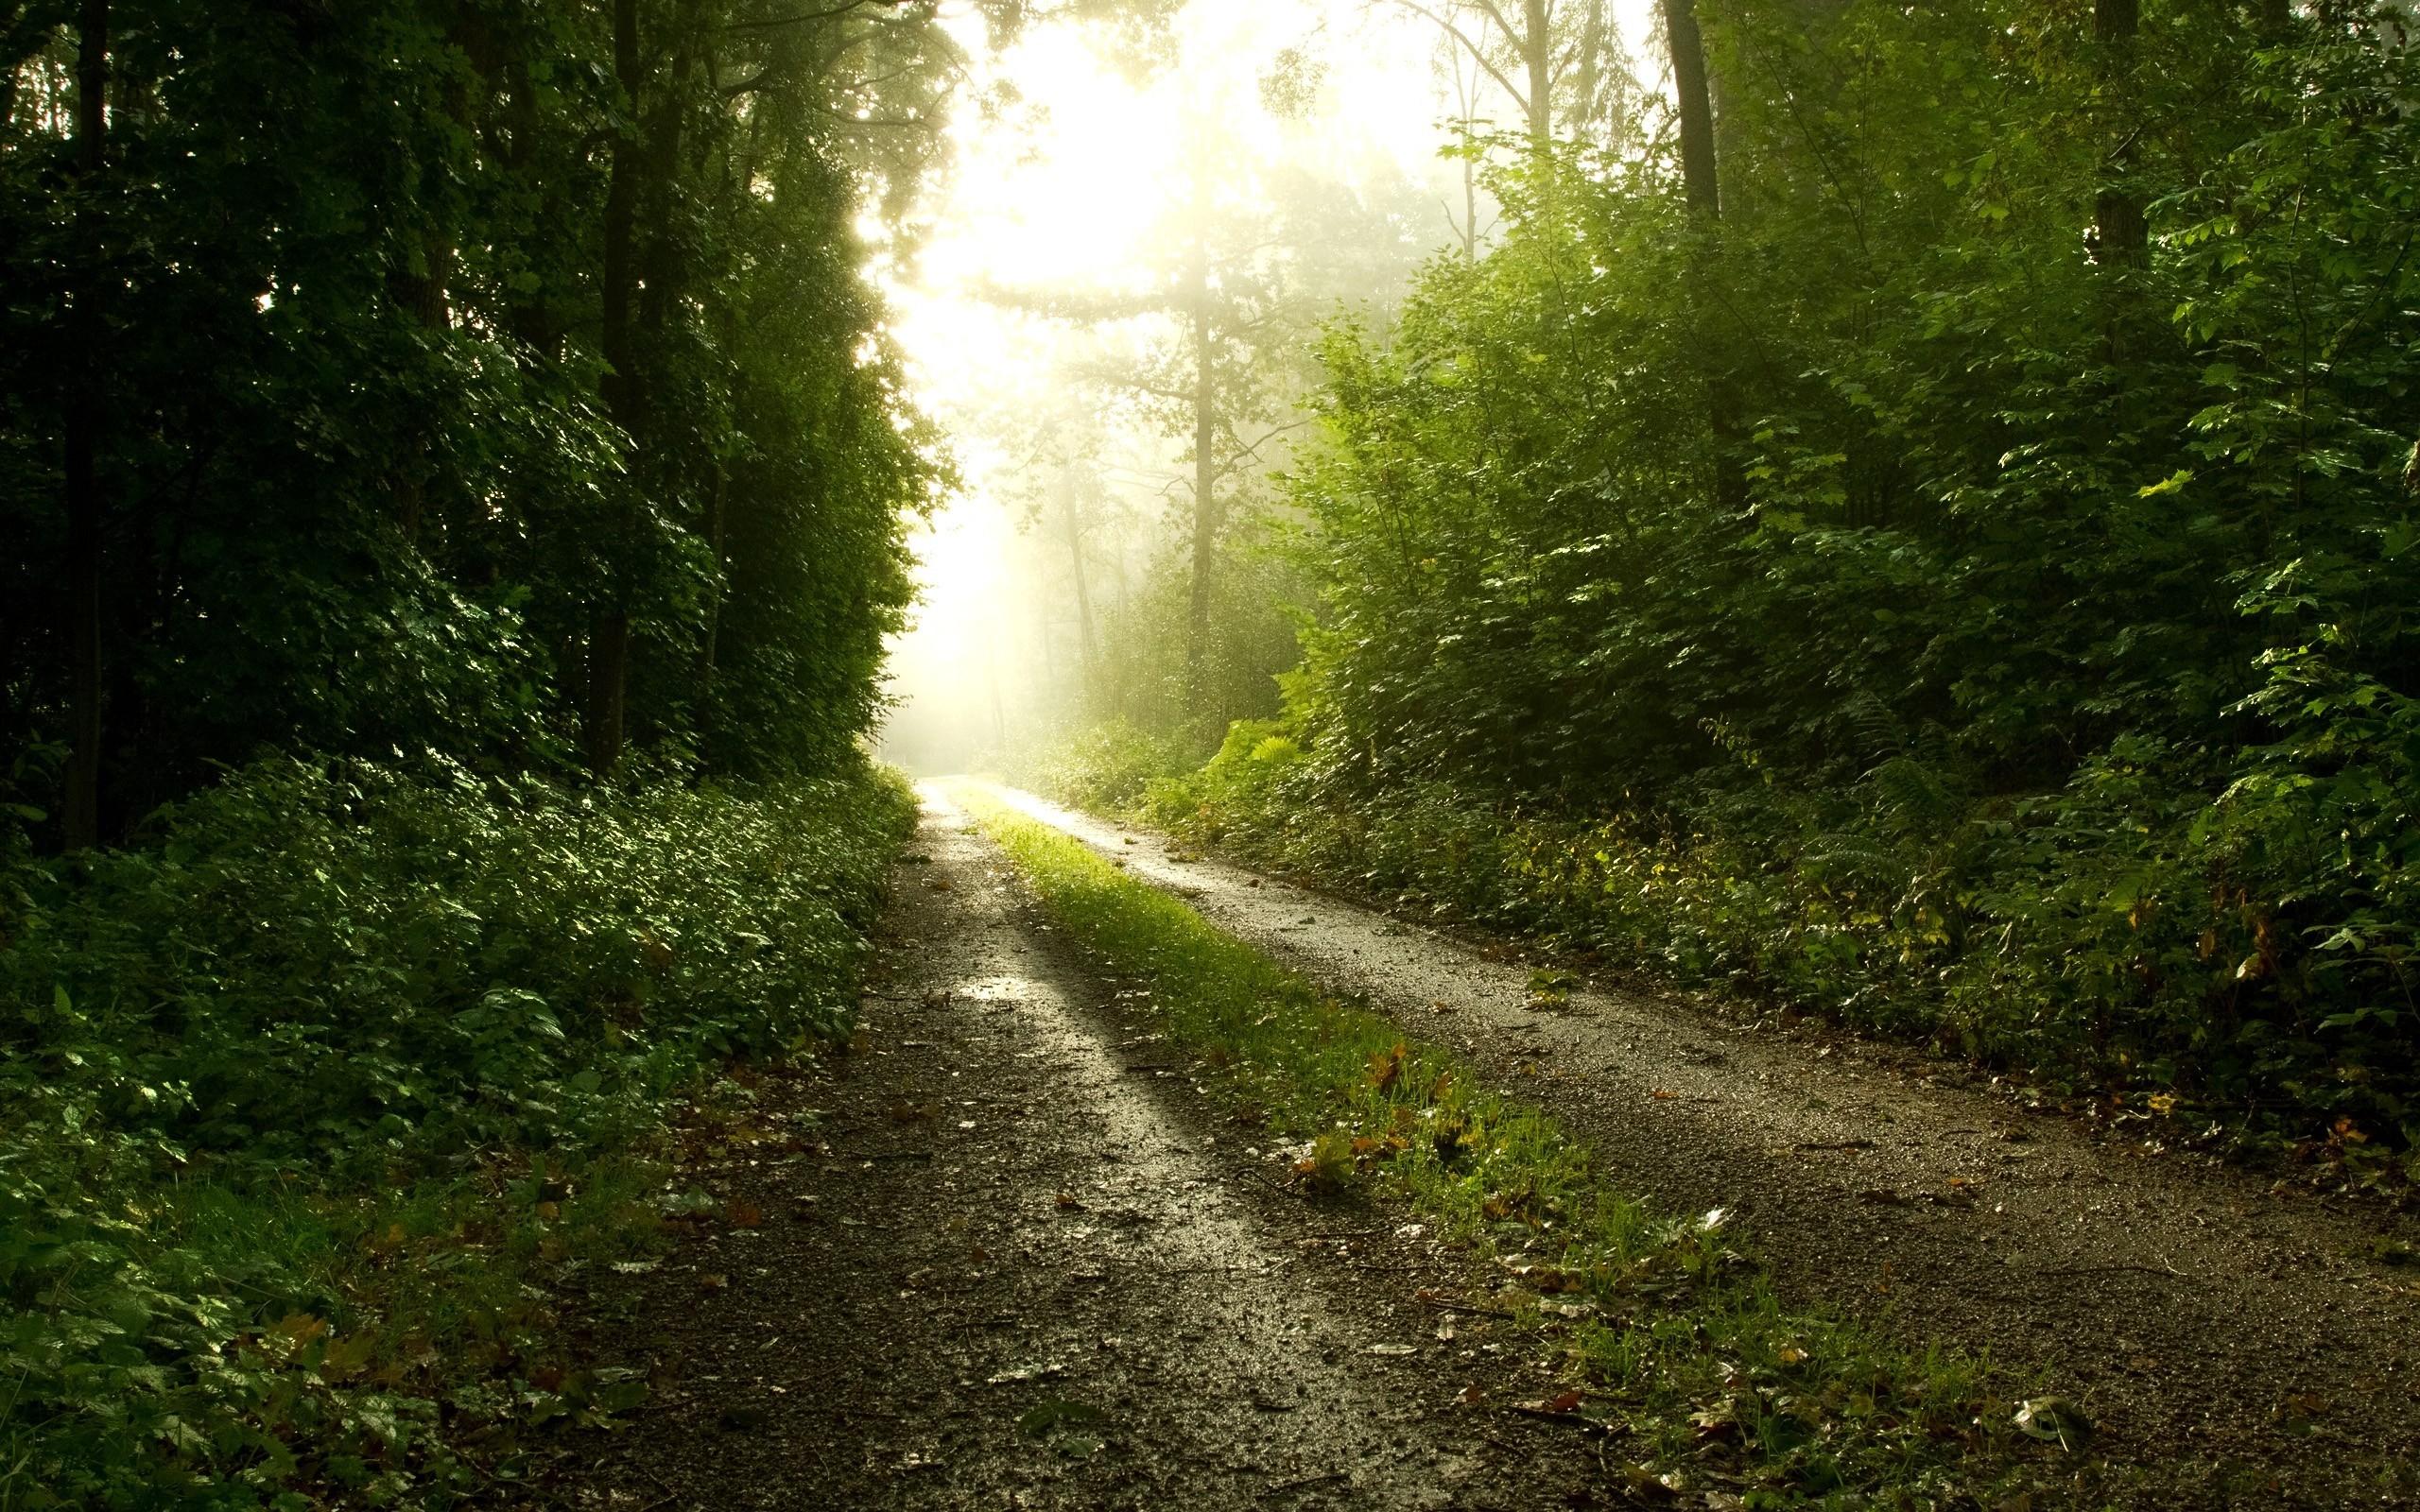 дорога, солнце, трава, деревья  № 3117745 бесплатно